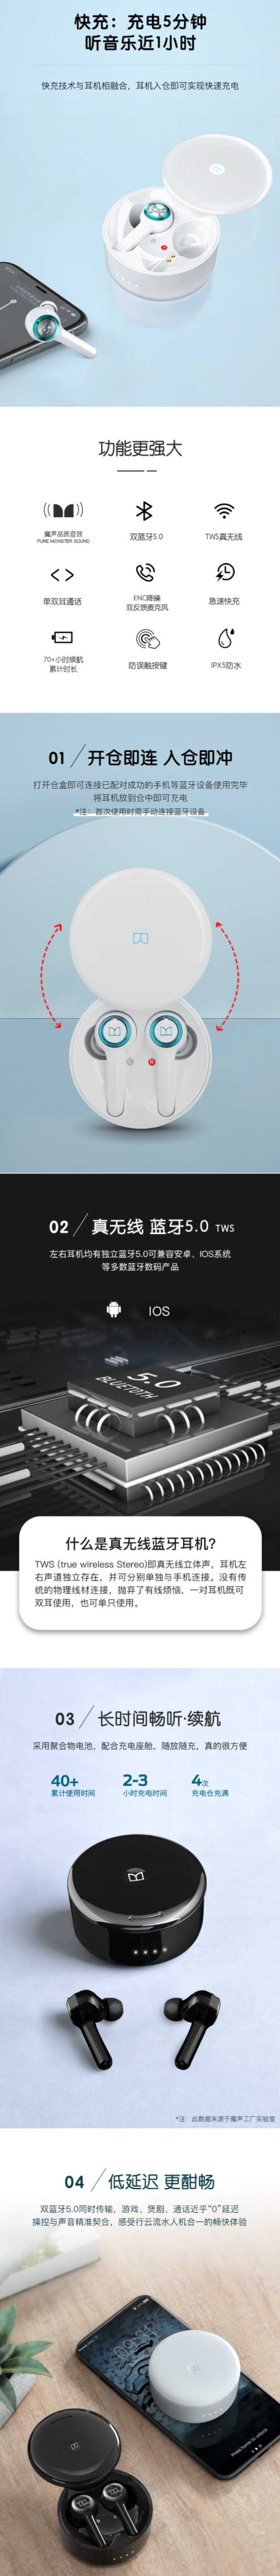 历史新低!Monster 魔声 Clarity 102 Plus Airlinks 360度全景音效 真无线耳机4.2折 52.99加元包邮!免税!